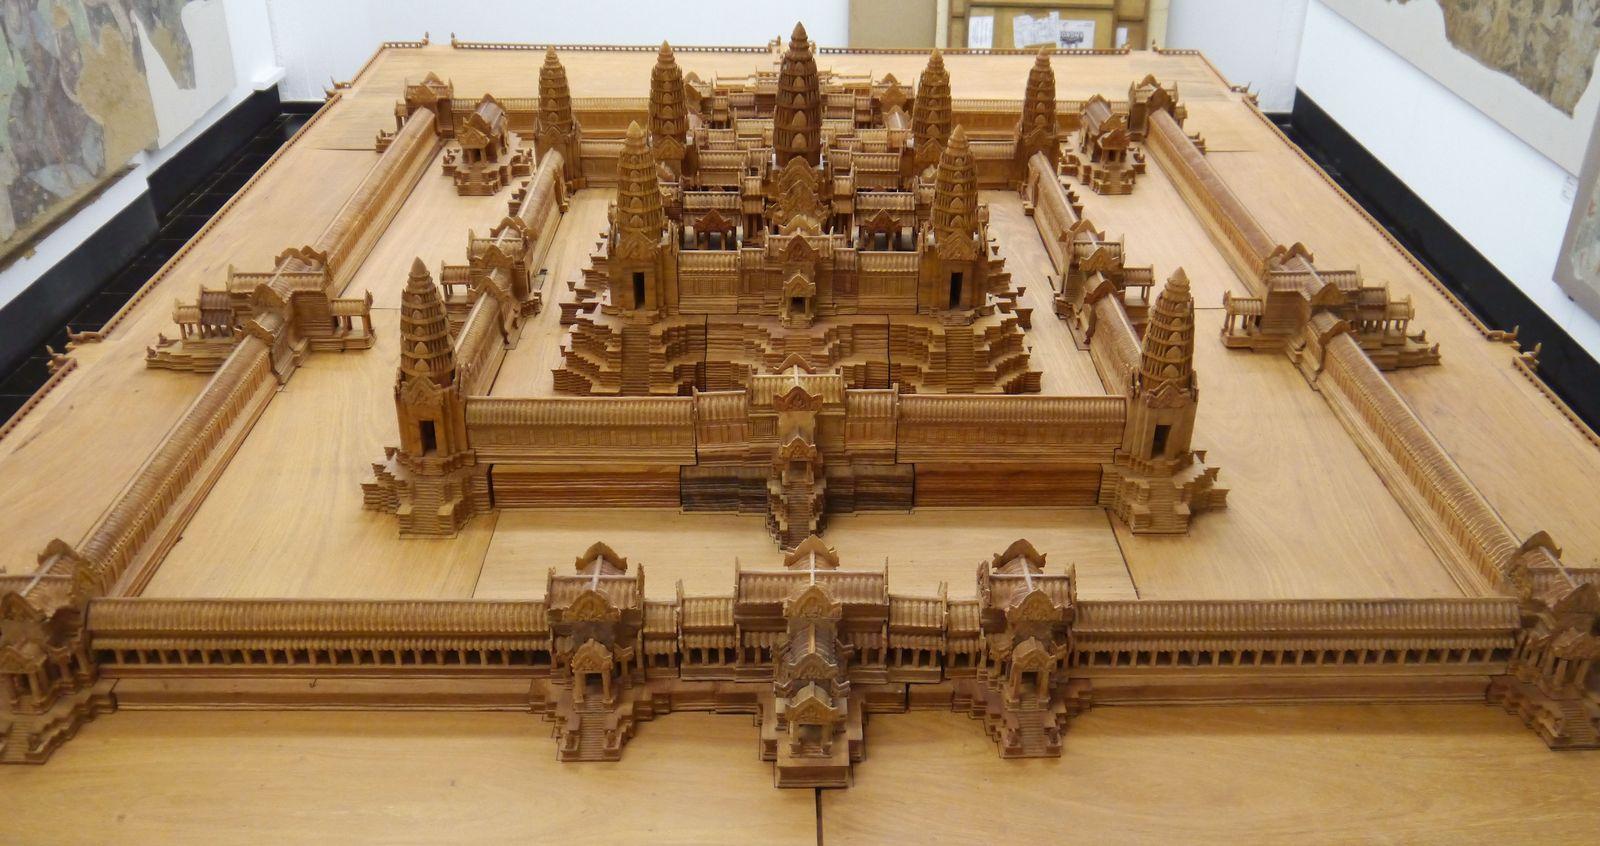 Modell der Tempelanlage Angkor Wat im Maßstab 1:50. Foto: Staatliche Museen zu Berlin